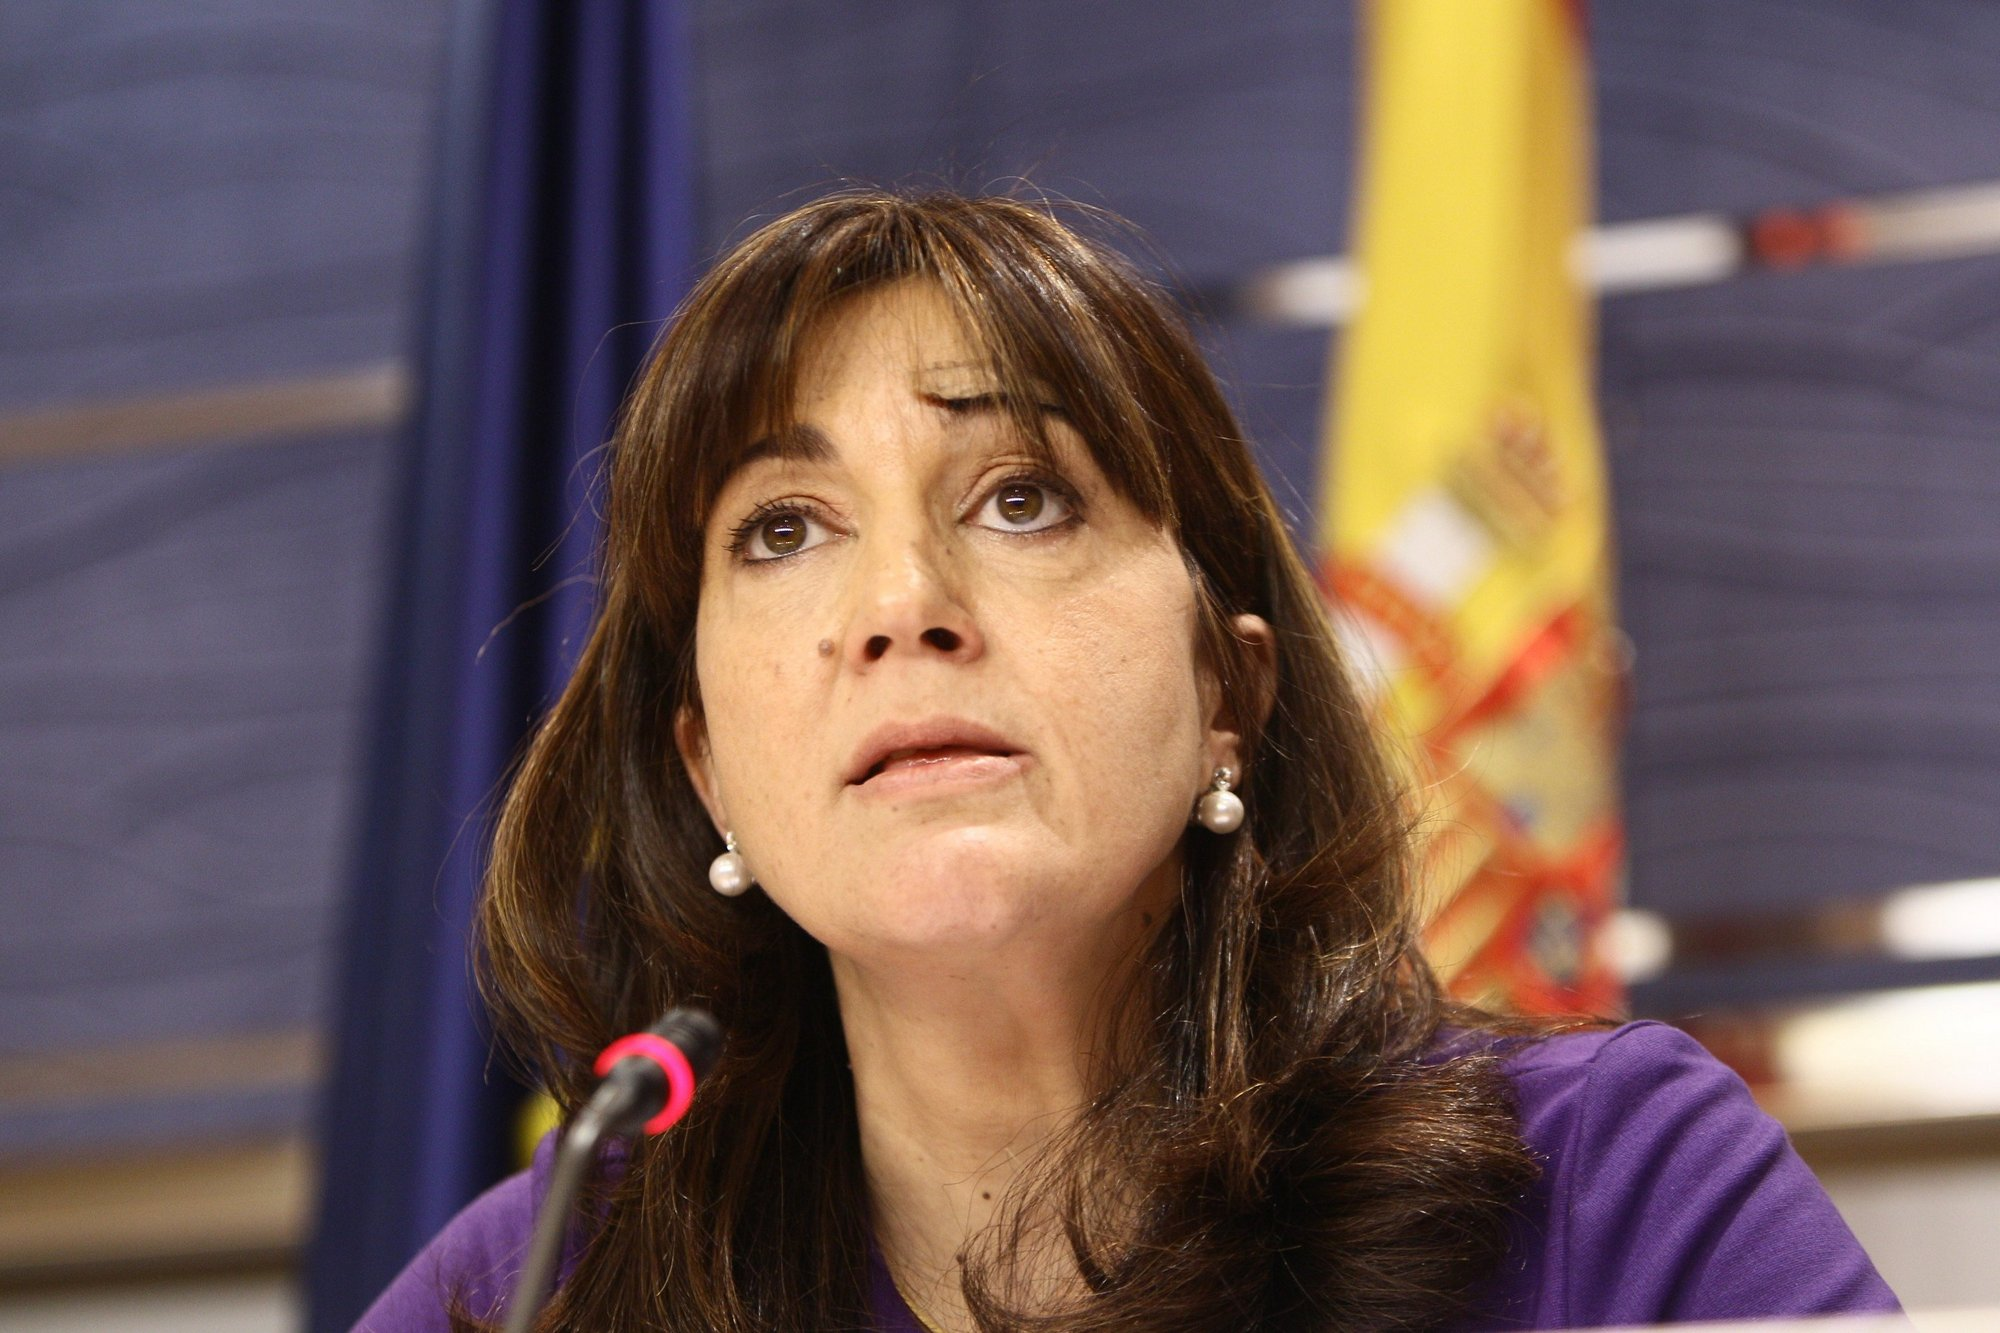 El PSOE anima a UPyD a no quedarse en la «absoluta soledad» de la «derecha extrema»